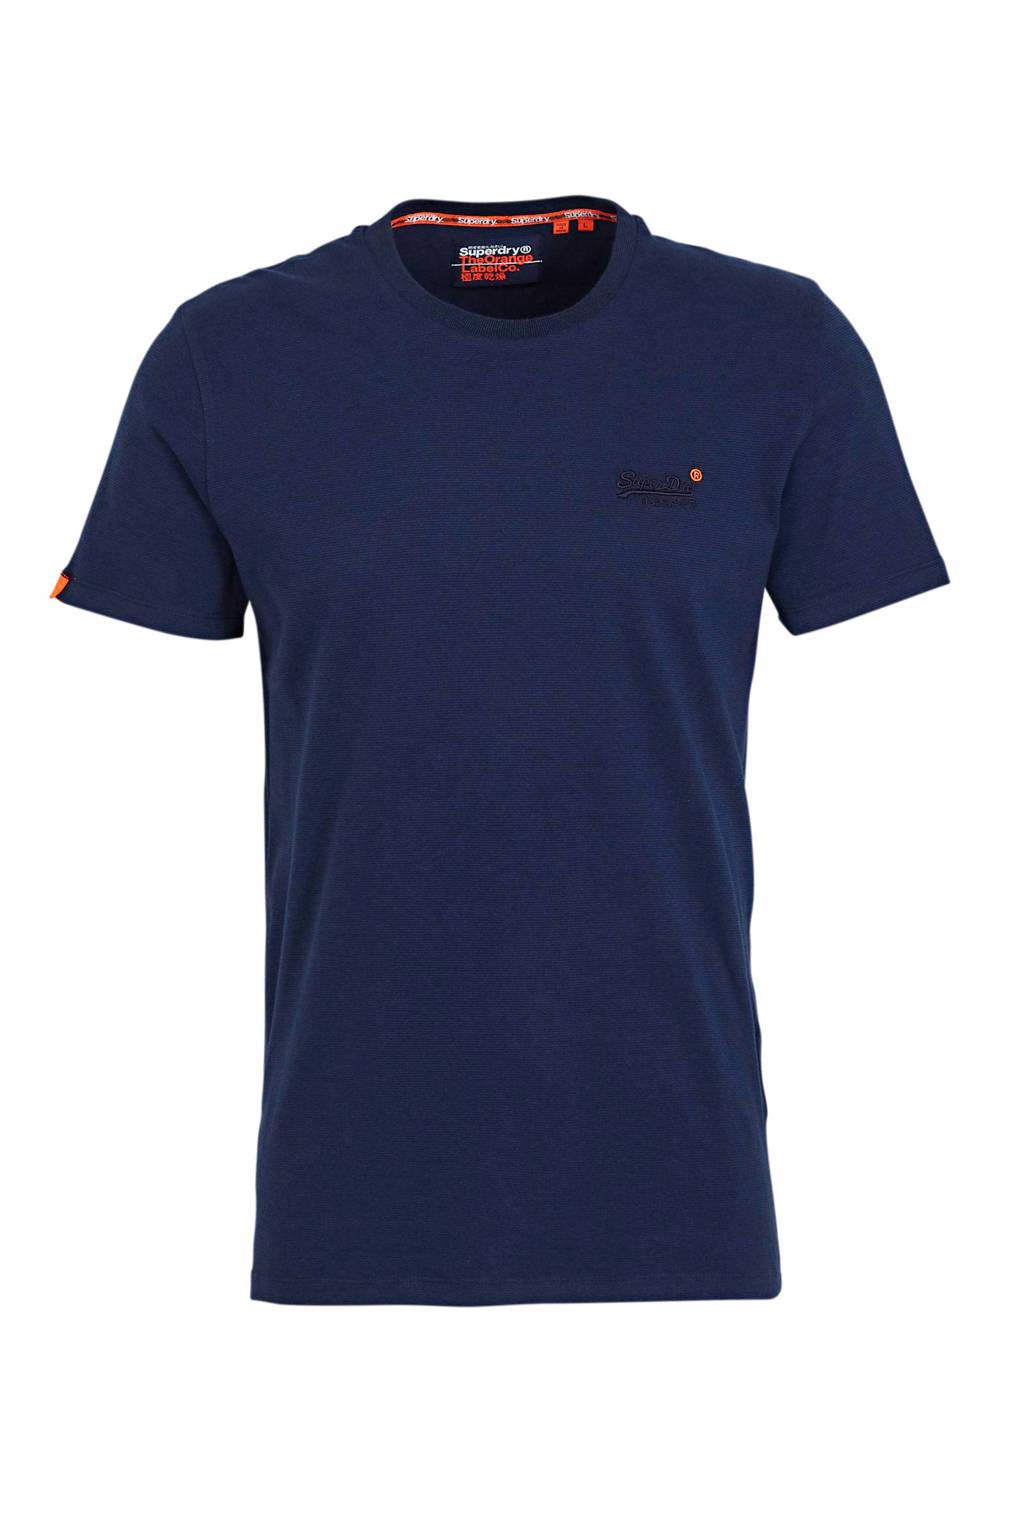 Superdry T-shirt donkerblauw, Donkerblauw